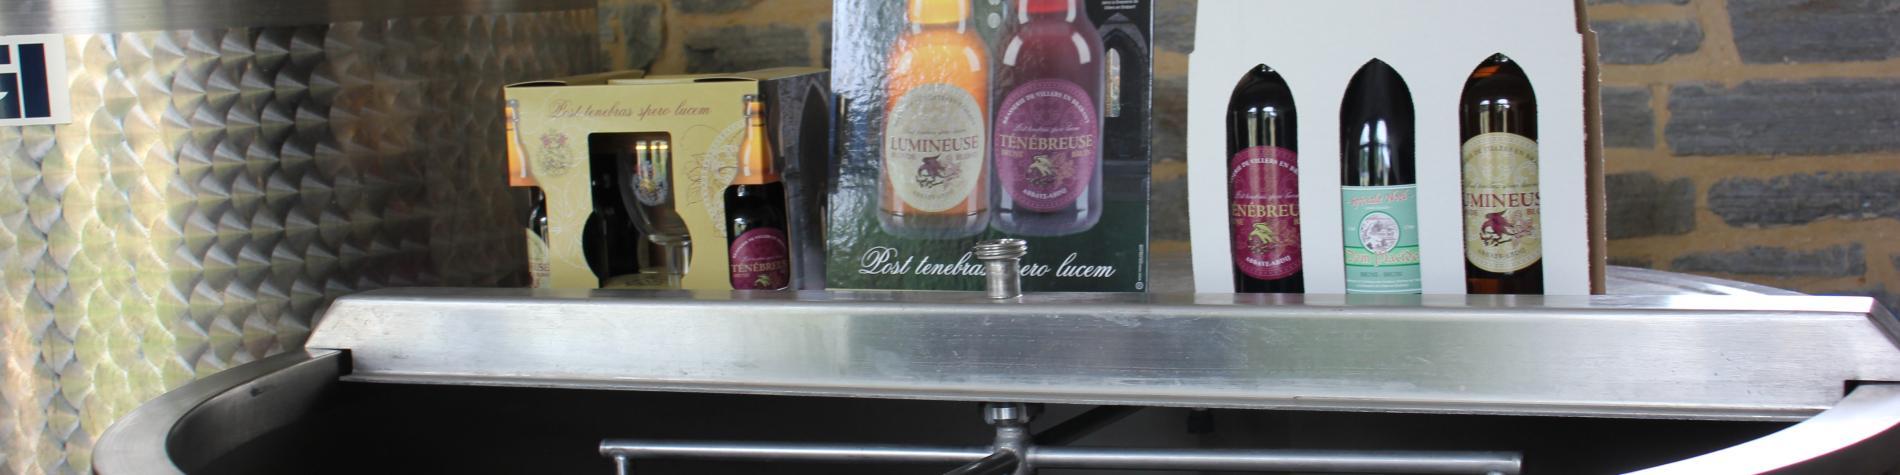 Microbrasserie Hostieux Moines de l'Abbaye de Villers - Cuve et bières